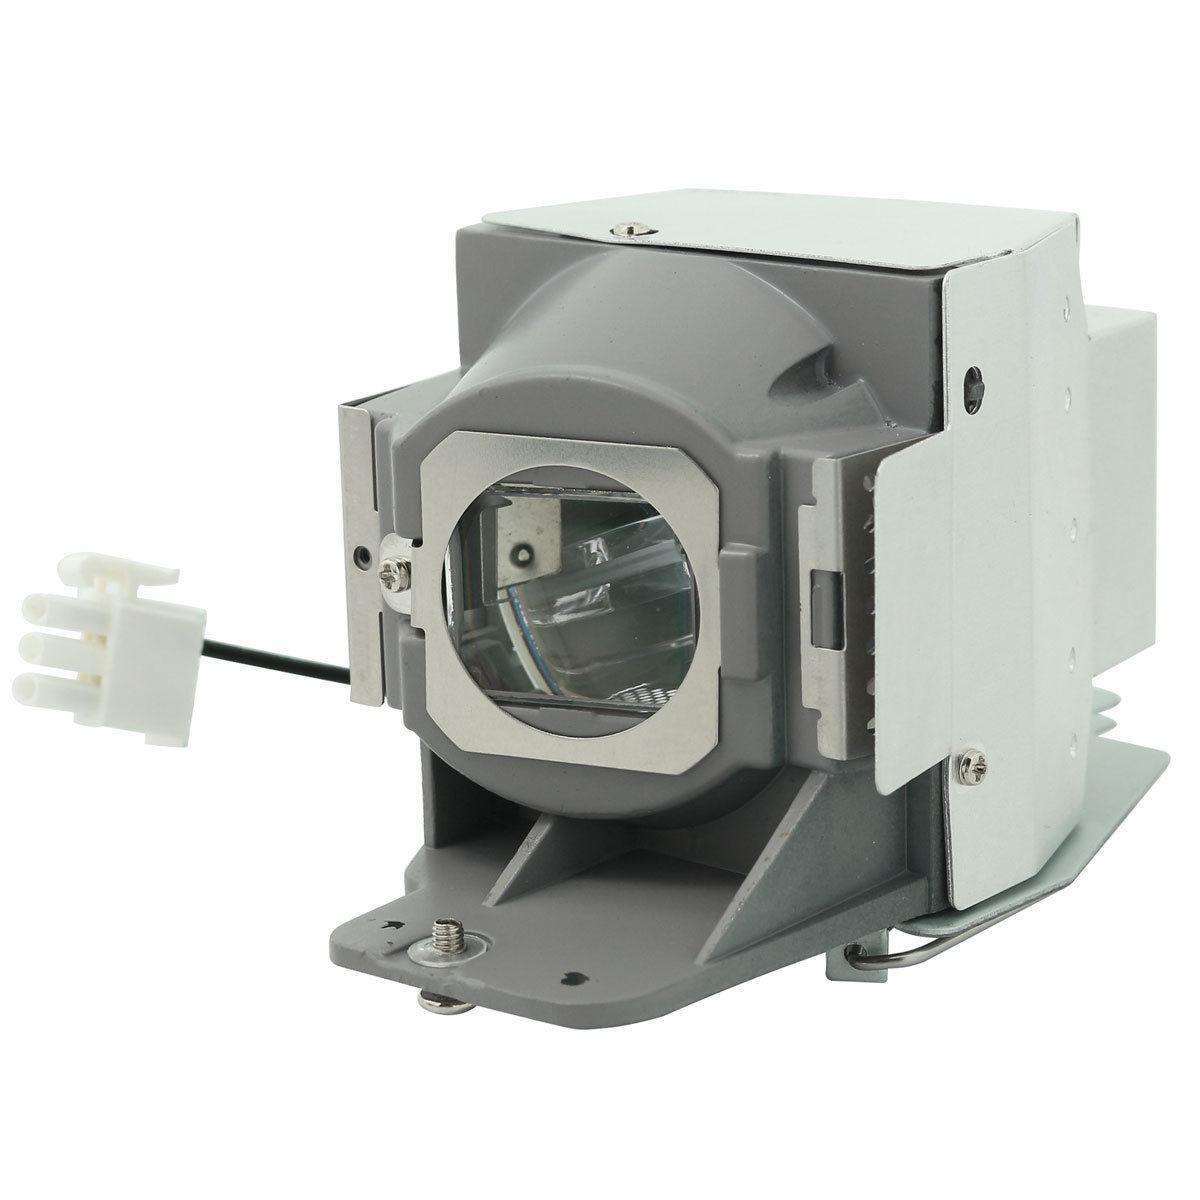 Projector Lamp Bulb MC.40111.001 / MC.40111.002 for Acer X1240 X1140 X1140A X111 Projector Bulb Lamp with housing 100% original projector bare lamp bulb fit acer x111 x1140 x1140a x1240 x1340w 180days warranty